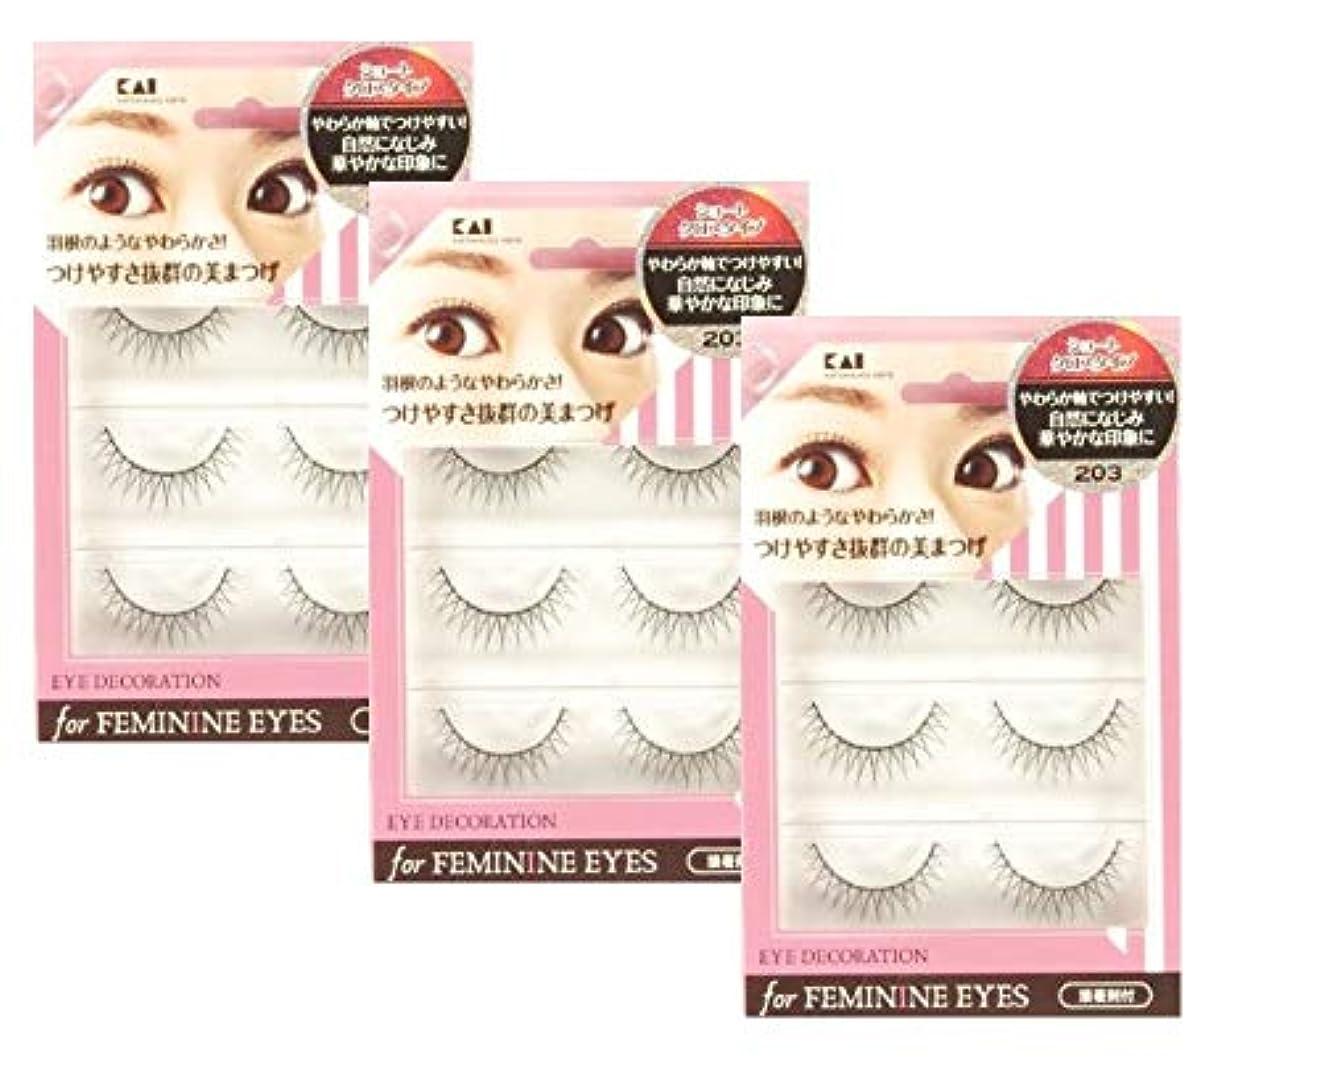 懐疑論リム足音【まとめ買い3個セット】アイデコレーション for feminine eyes 203 ショートクロスタイプ